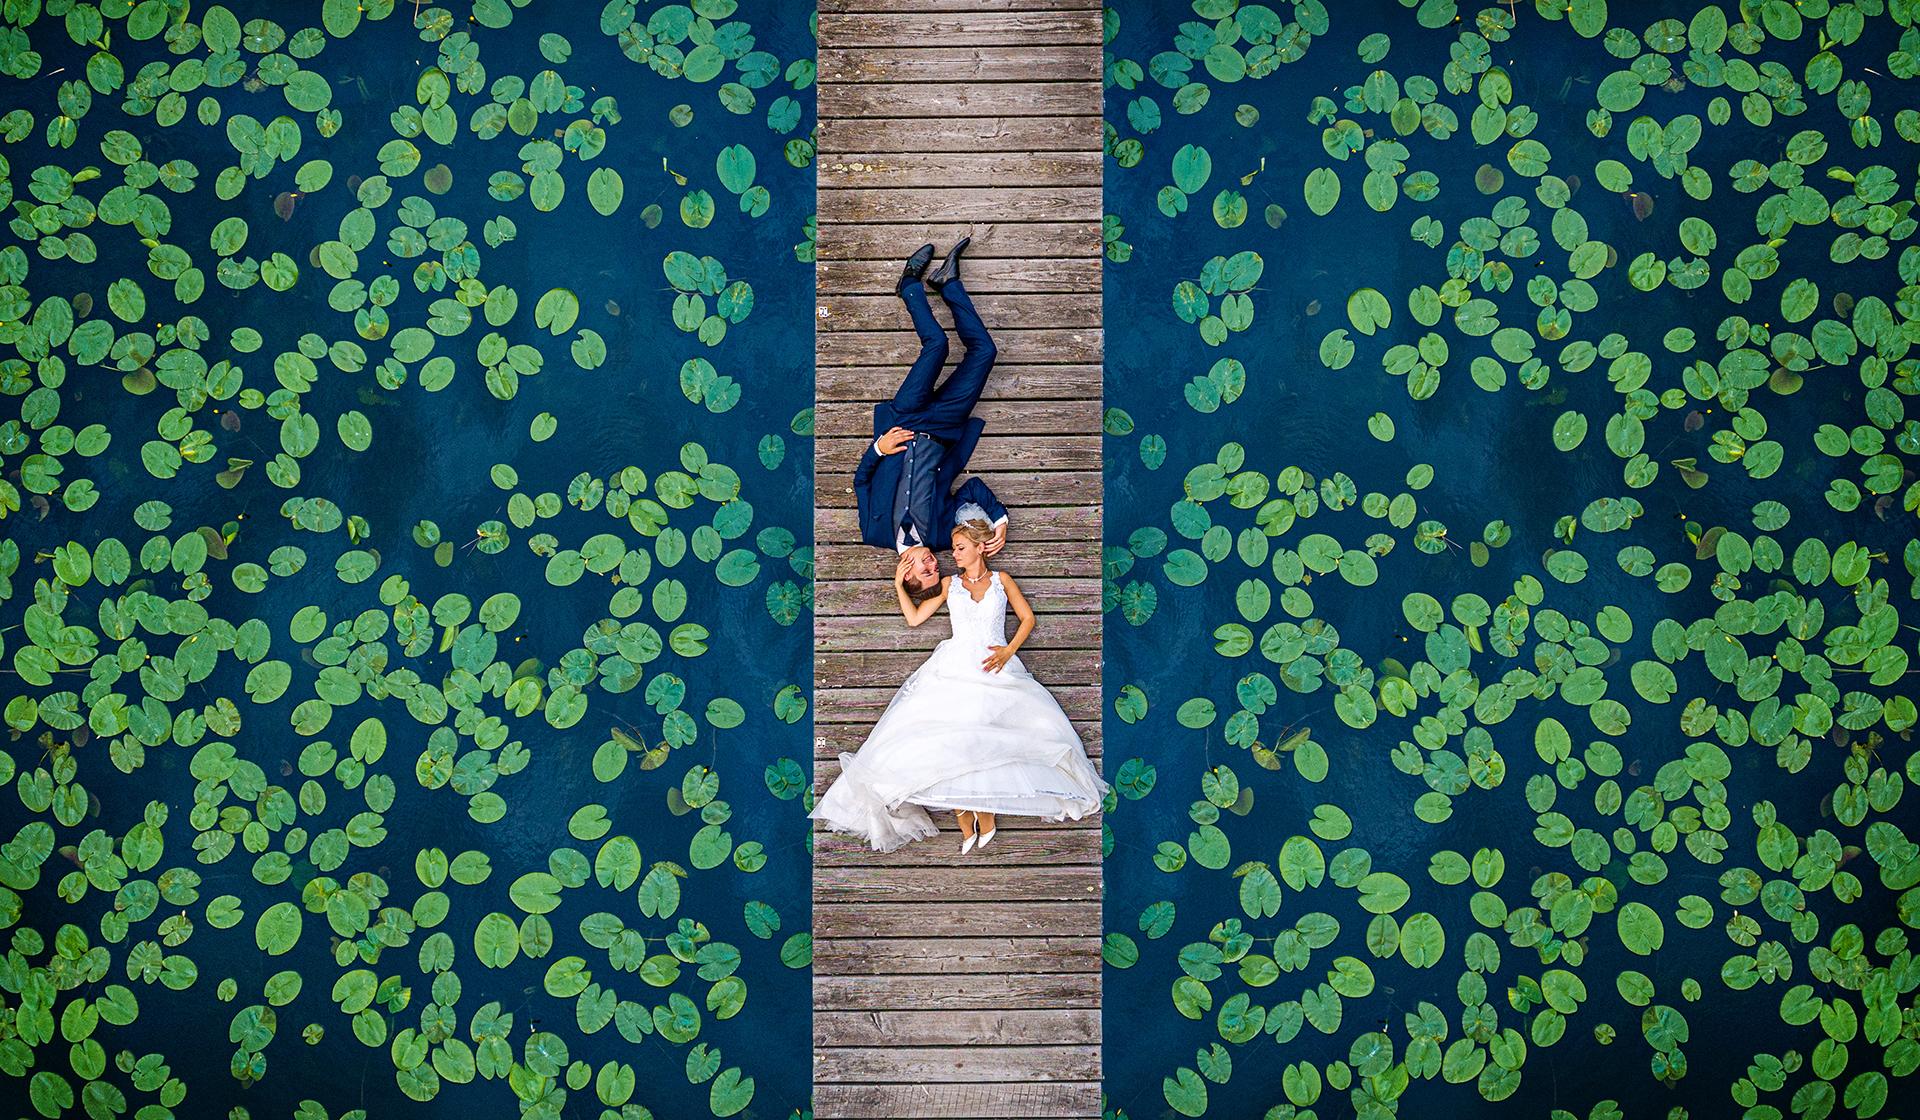 Ein Brautpaar liegt auf einem Steg und ist von Seerosen umgeben